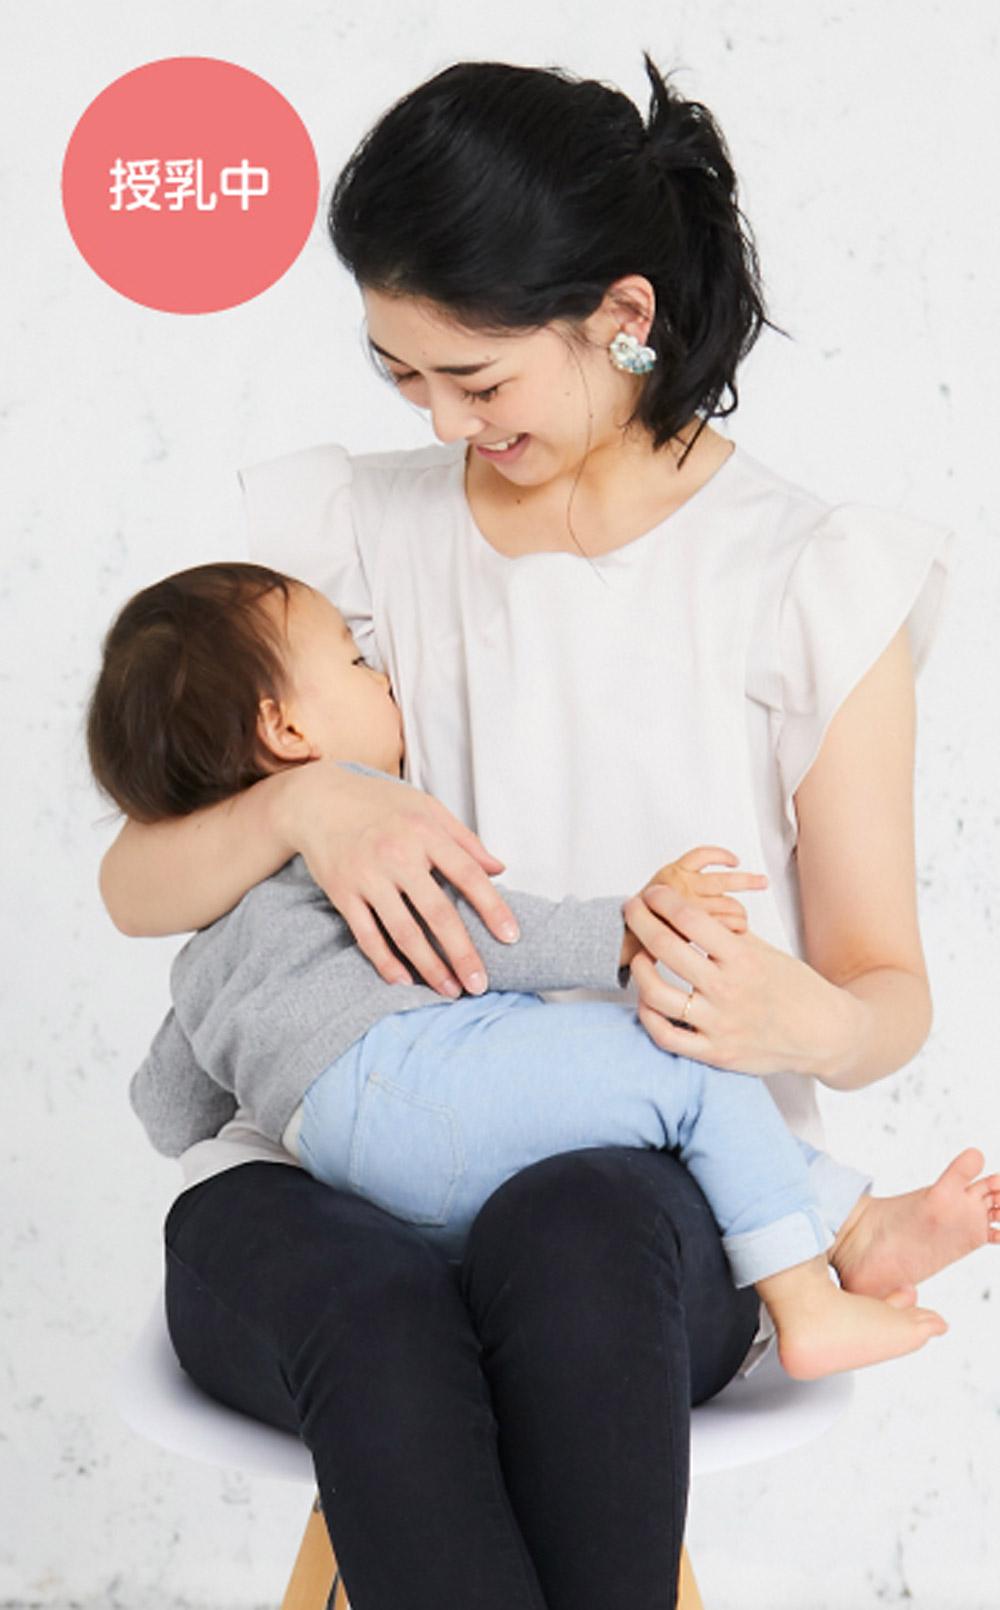 授乳服 授乳 サイドスリット トップス カットソー ストライプ